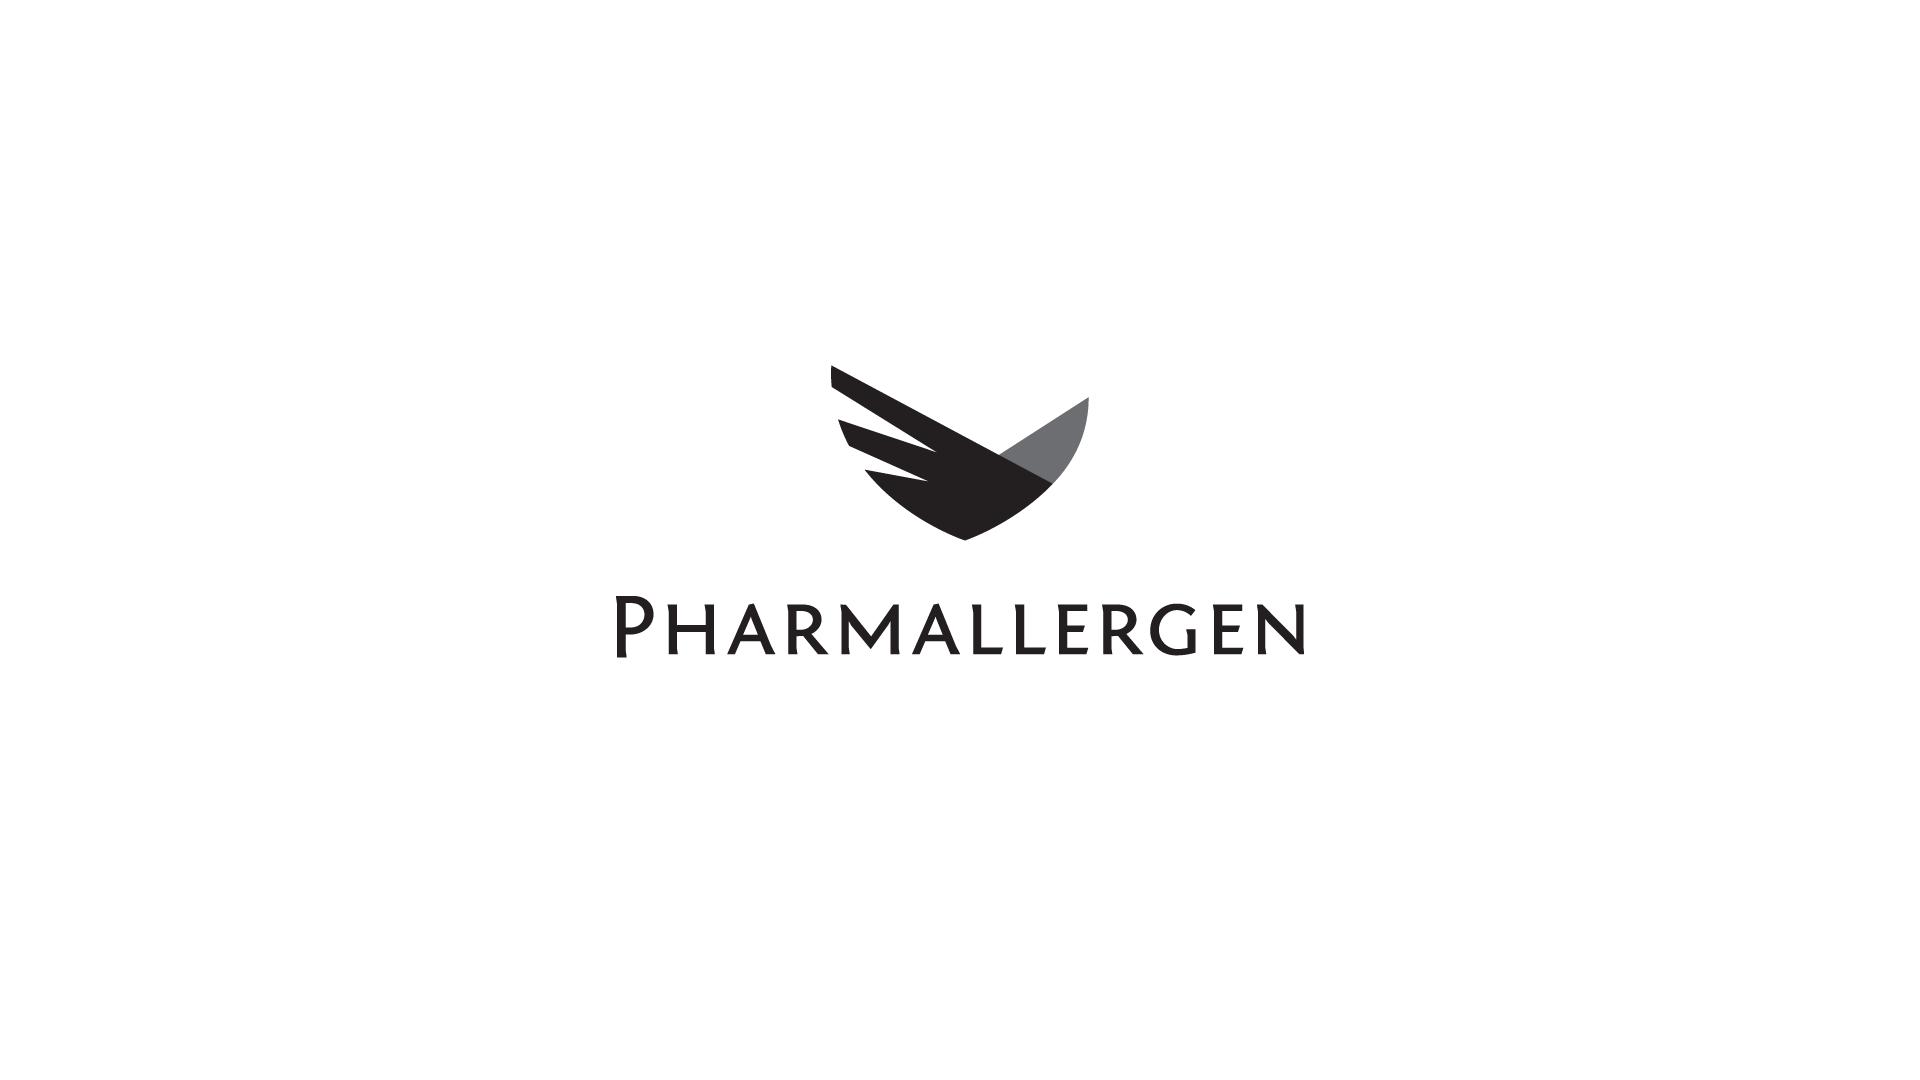 logo-pharmallergen